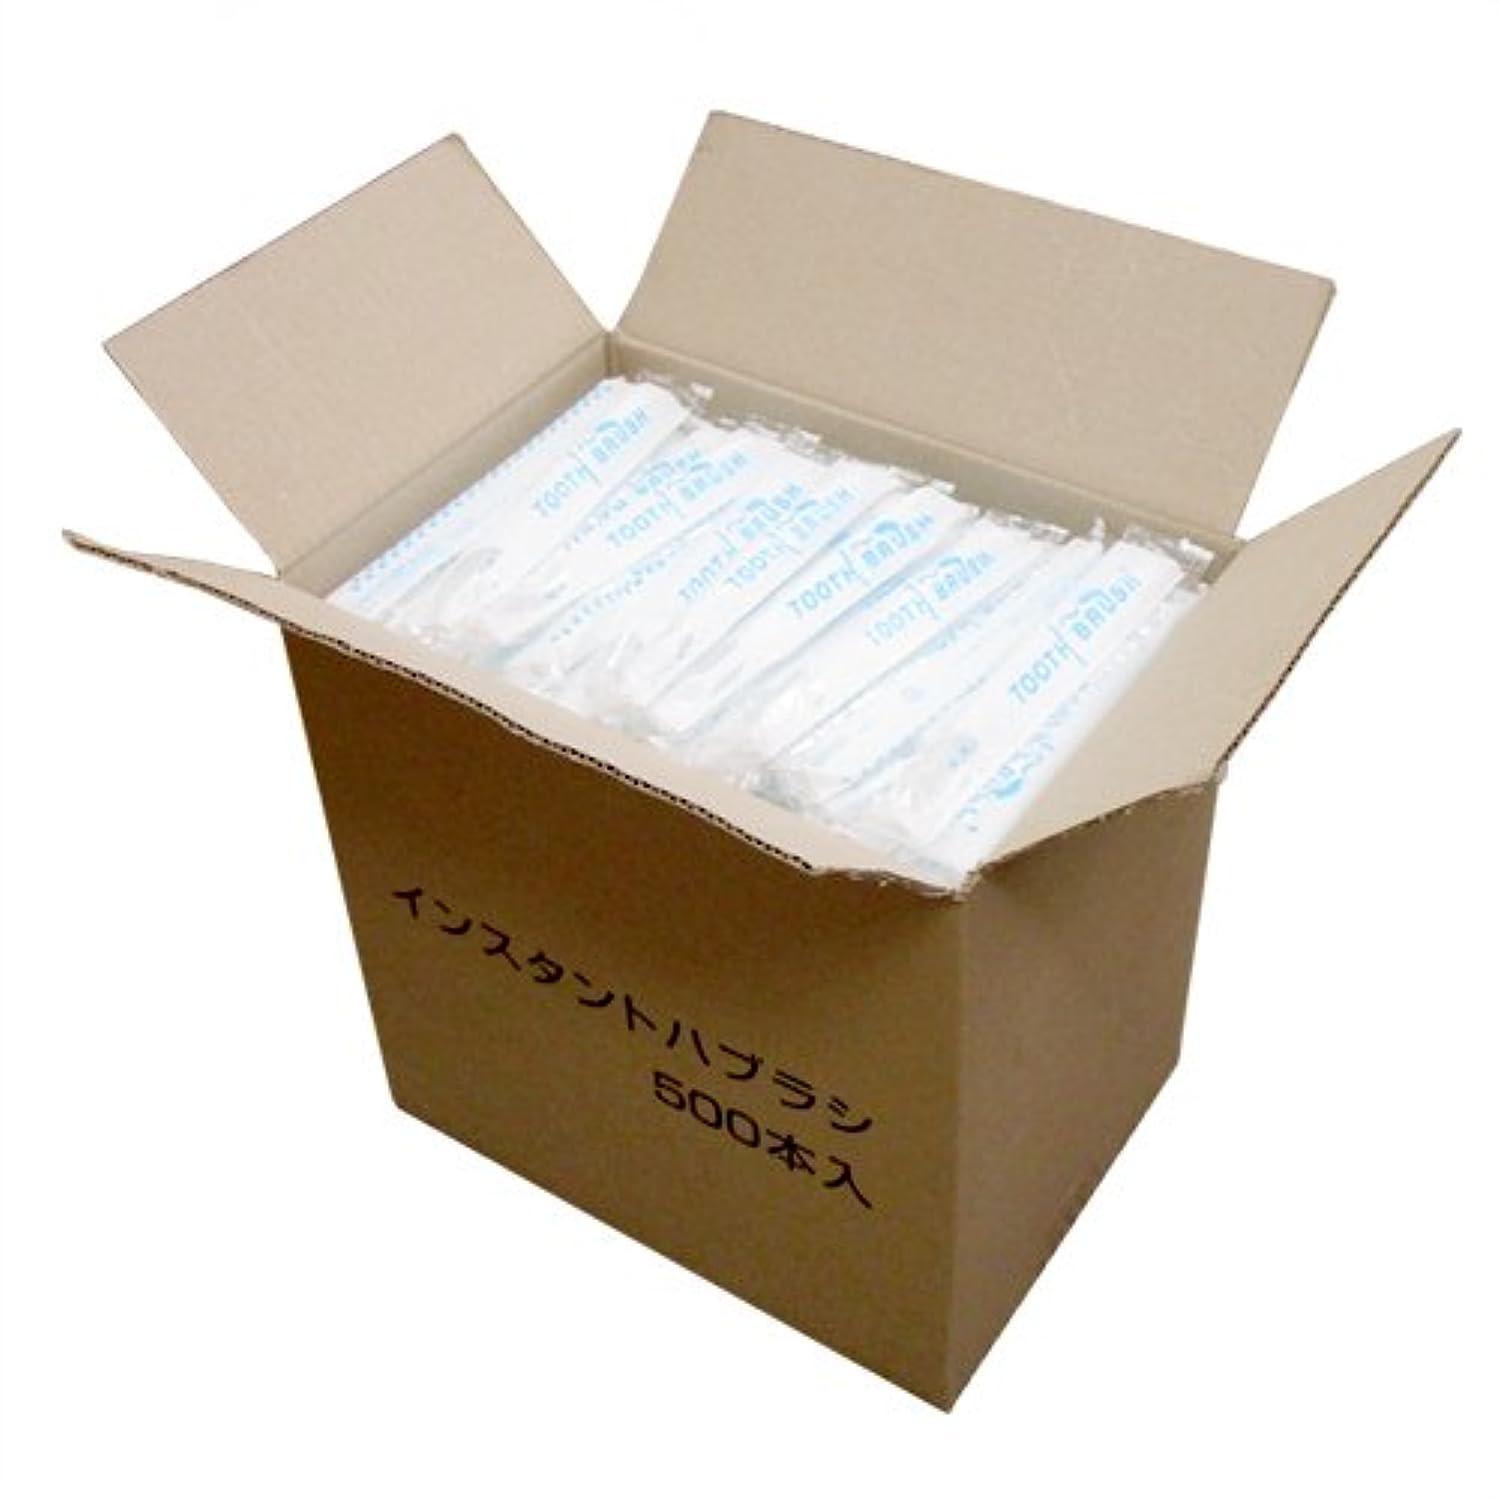 教育学カテゴリー恥ずかしさ業務用 日本製 使い捨て粉付き歯ブラシ 個包装タイプ 500本入×8箱 (4000本入)│ホテルアメニティ